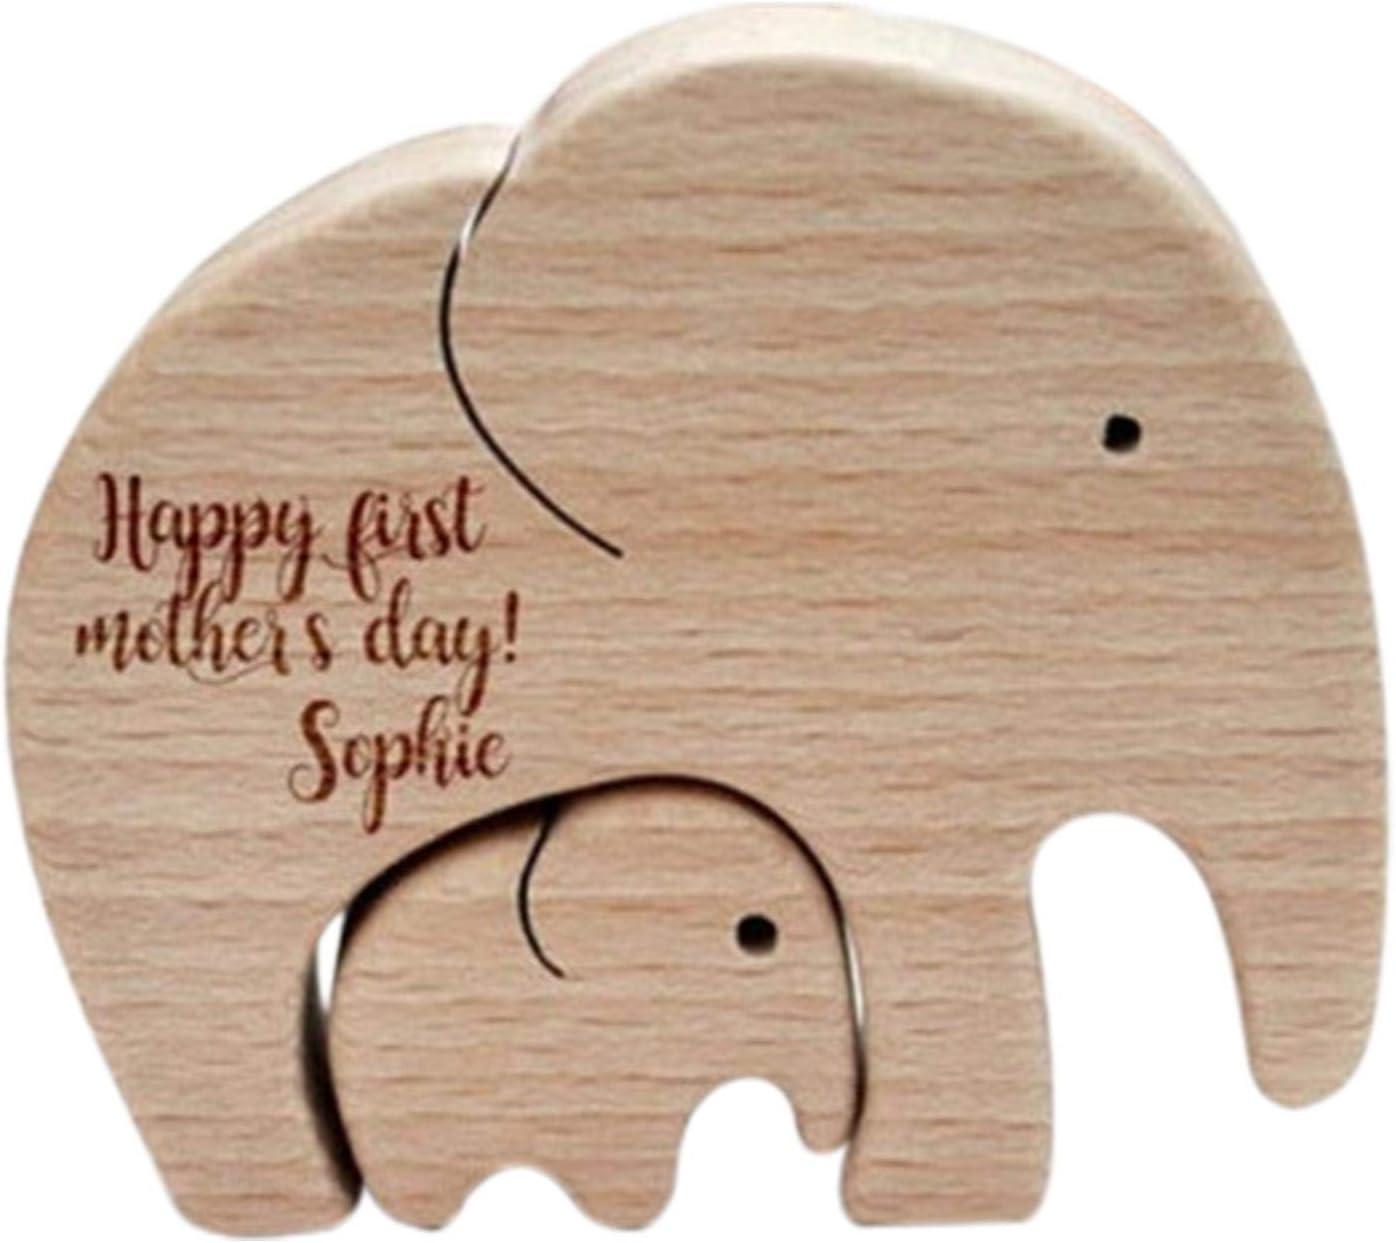 huiyingshe Adorno de Figuras de Elefante, decoración de Madera para Escritorio, Madre Elefante y Ternera, Madera de Regalo Artesanal de Madera para el día de la Madre